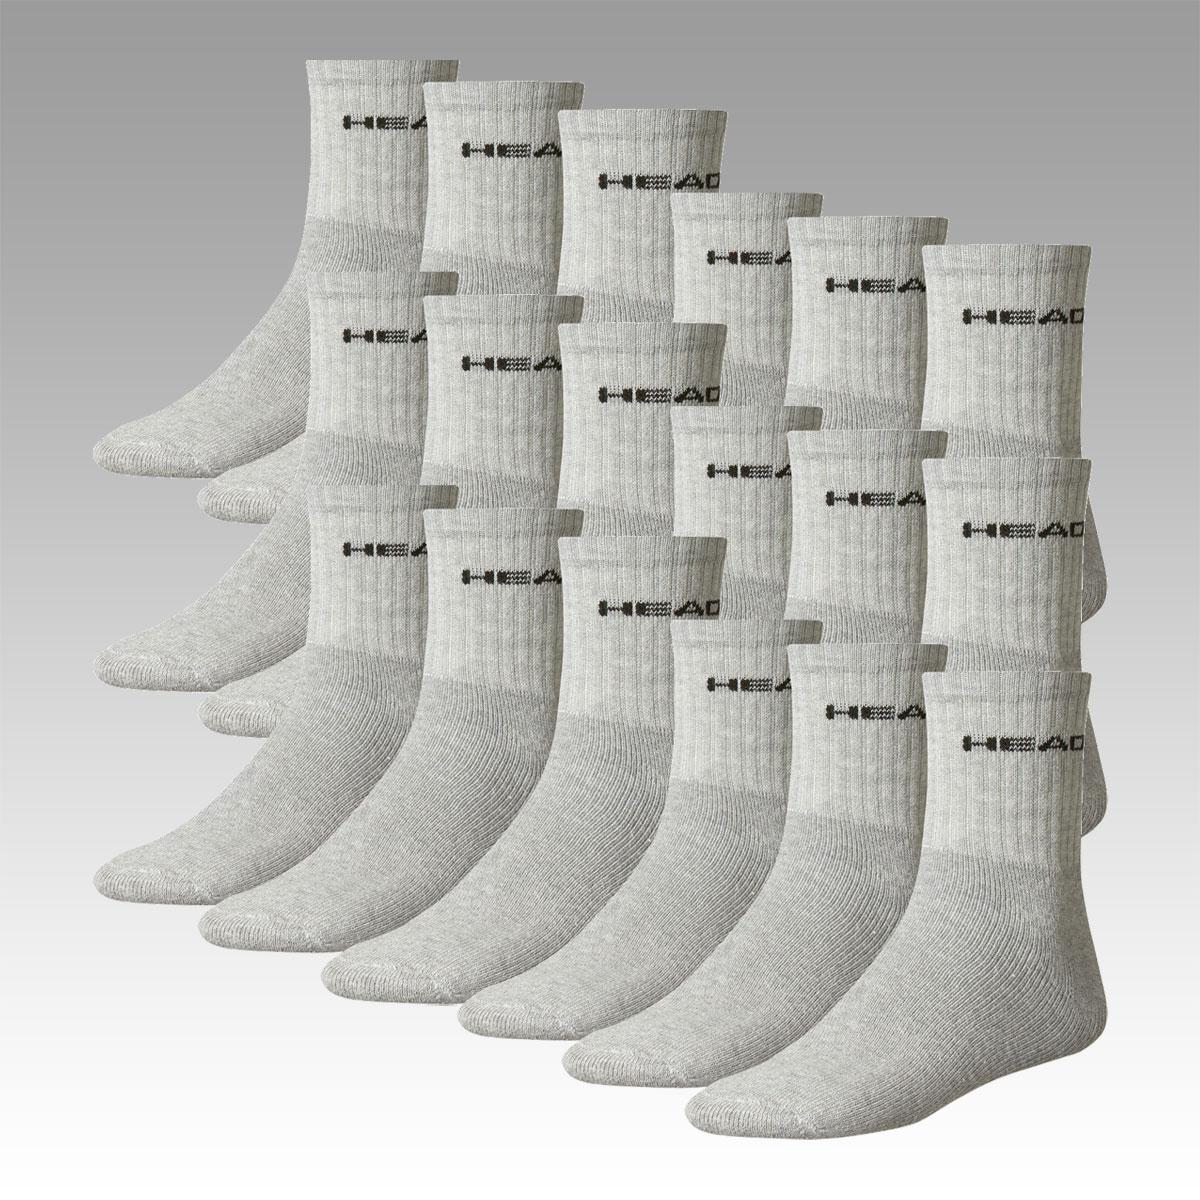 18 Paar Socken für 18 Flocken - Head Sport (Short) Crew, Sneaker oder Quarter in schwarz, weiß oder grau